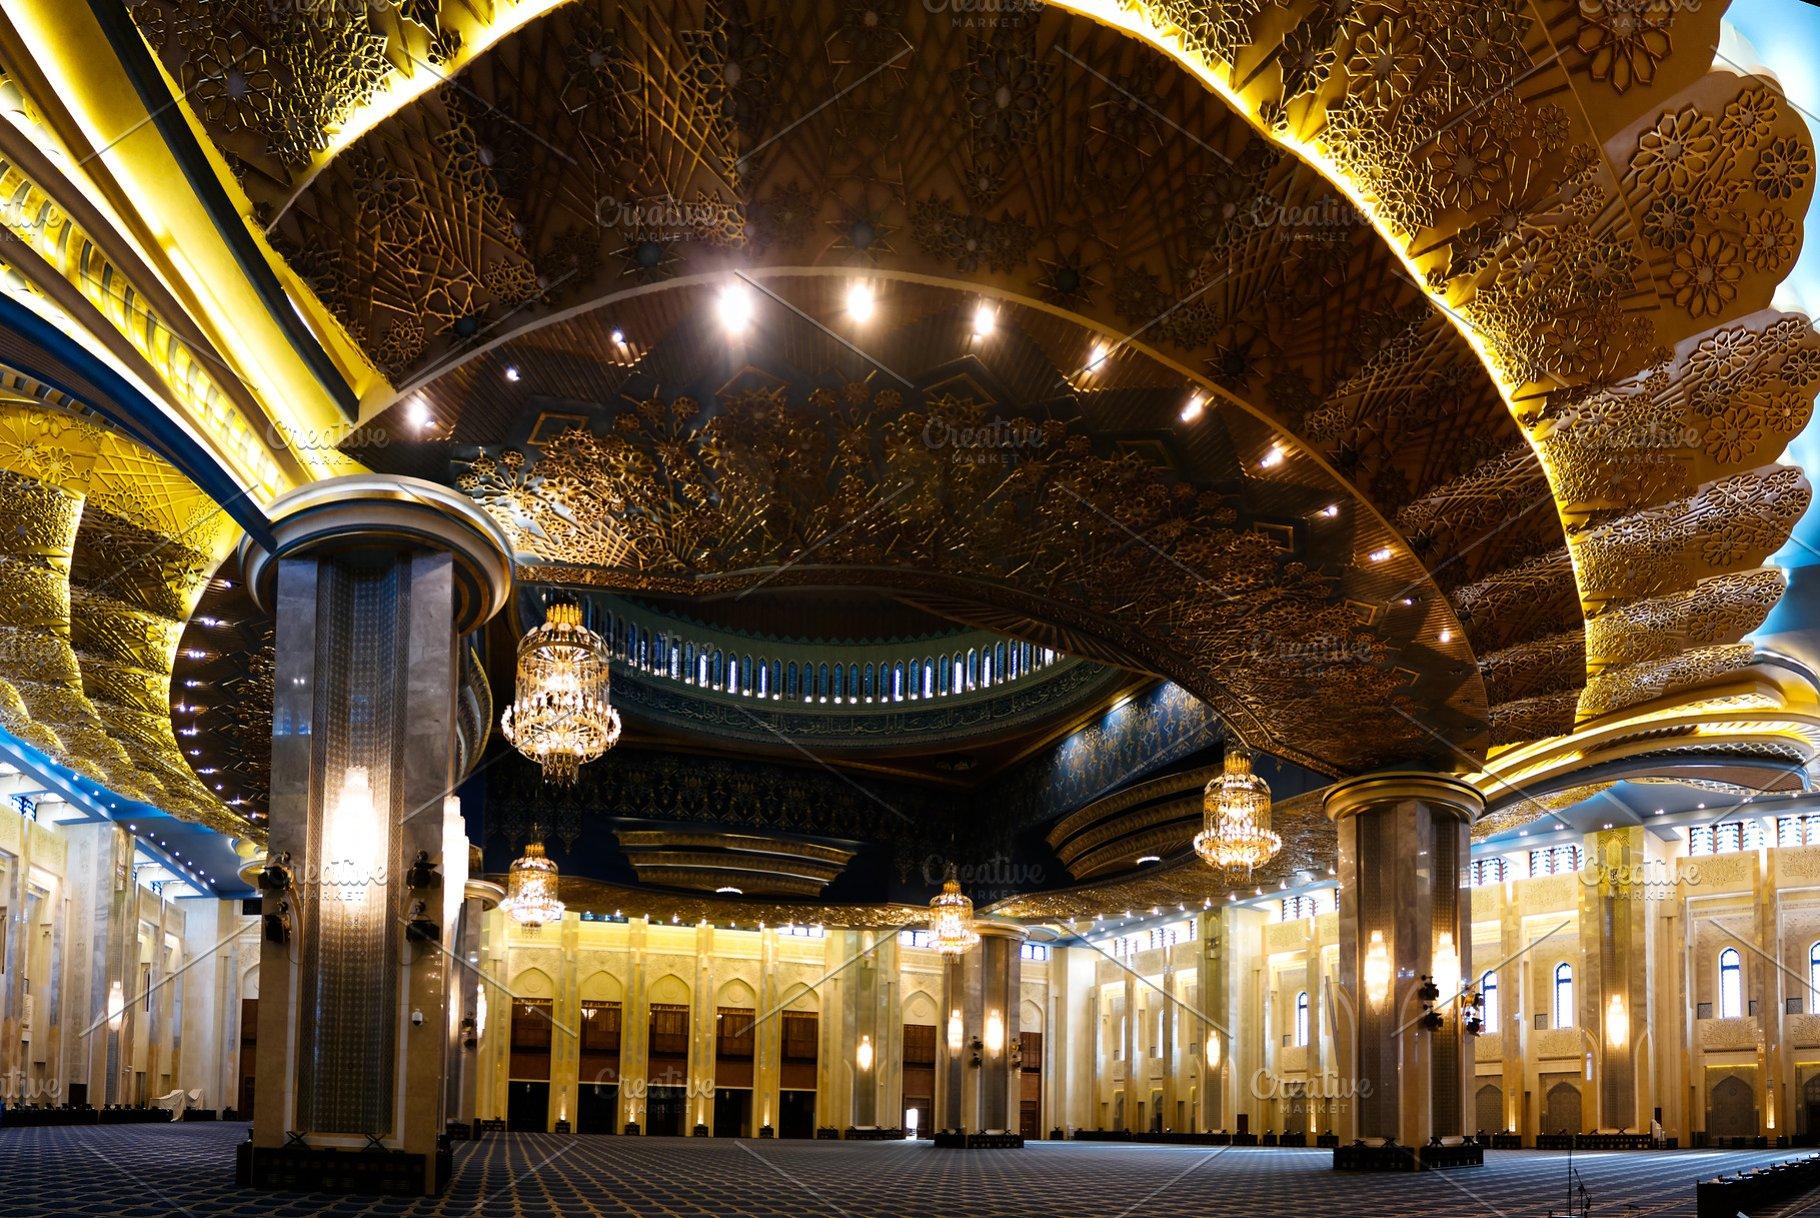 Kuwait Grand Mosque interior, Kuwait